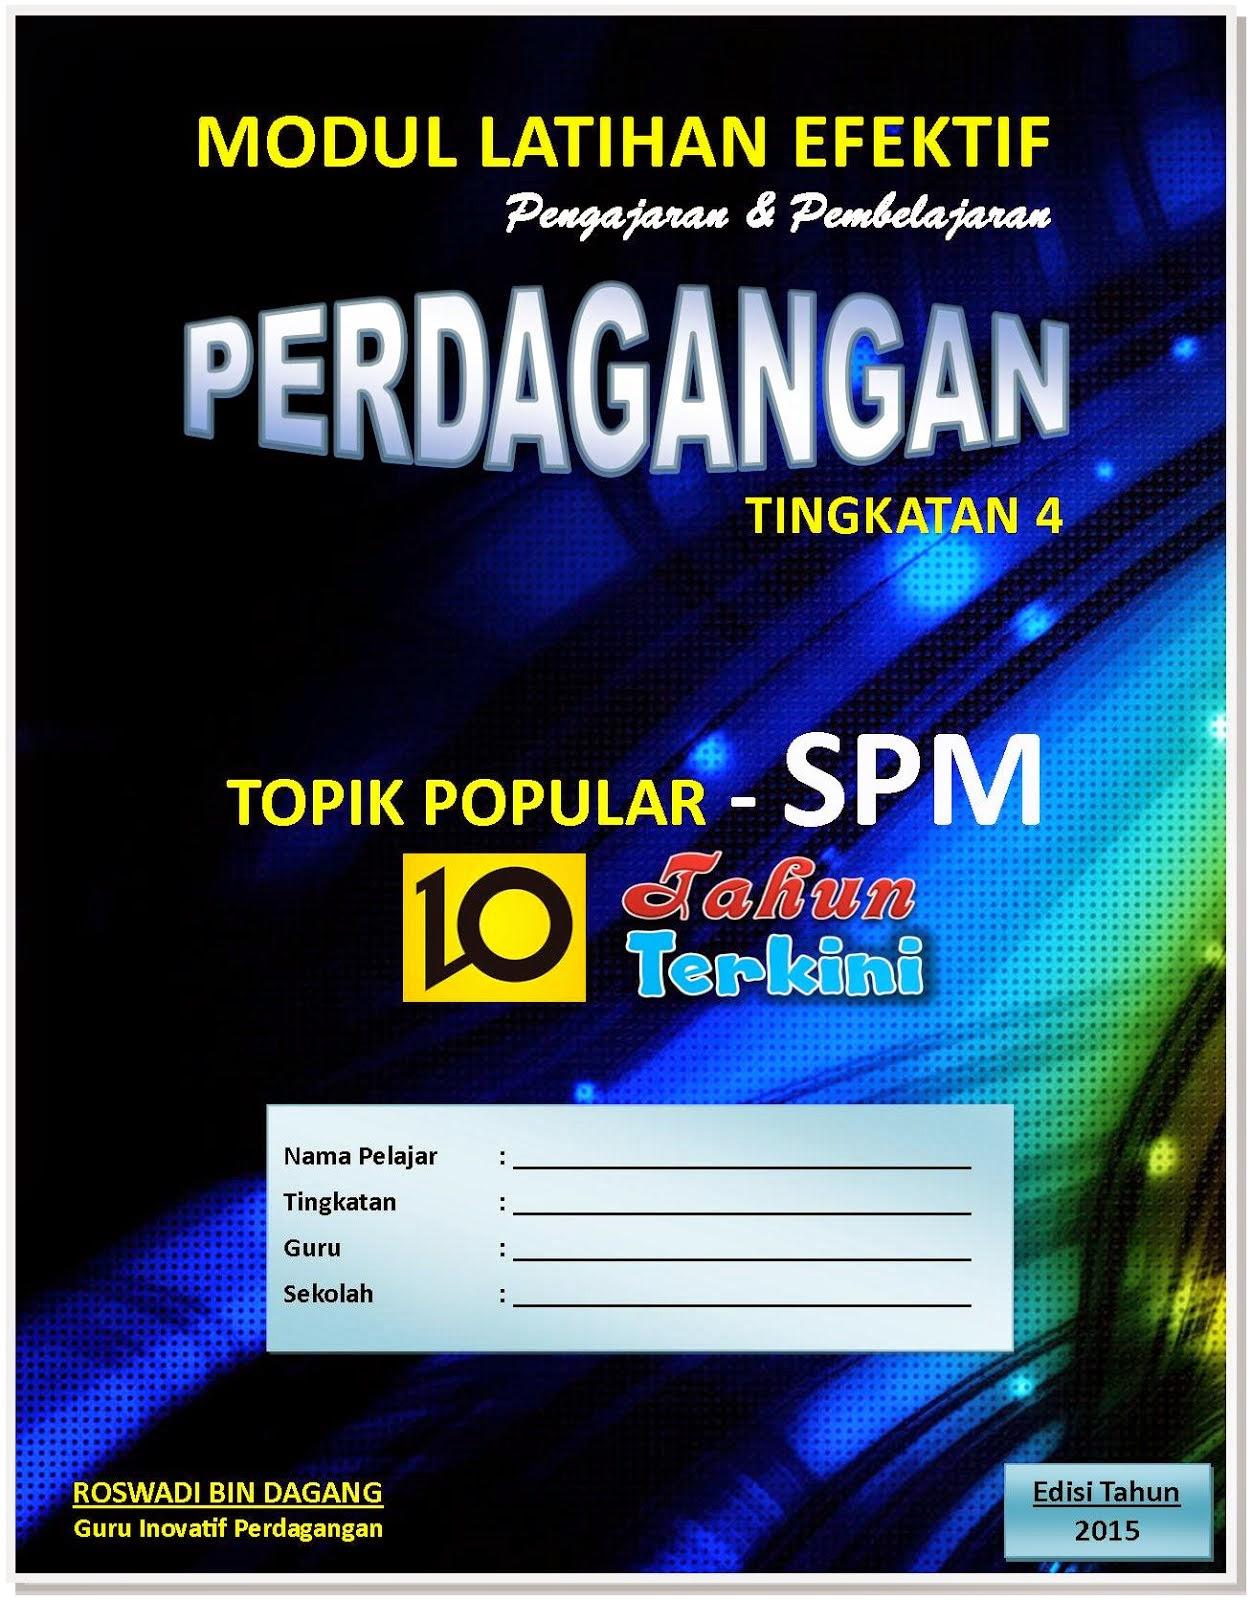 MODUL P&P PERDAGANGAN T4 DAN T5.. EDISI TAHUN 2015